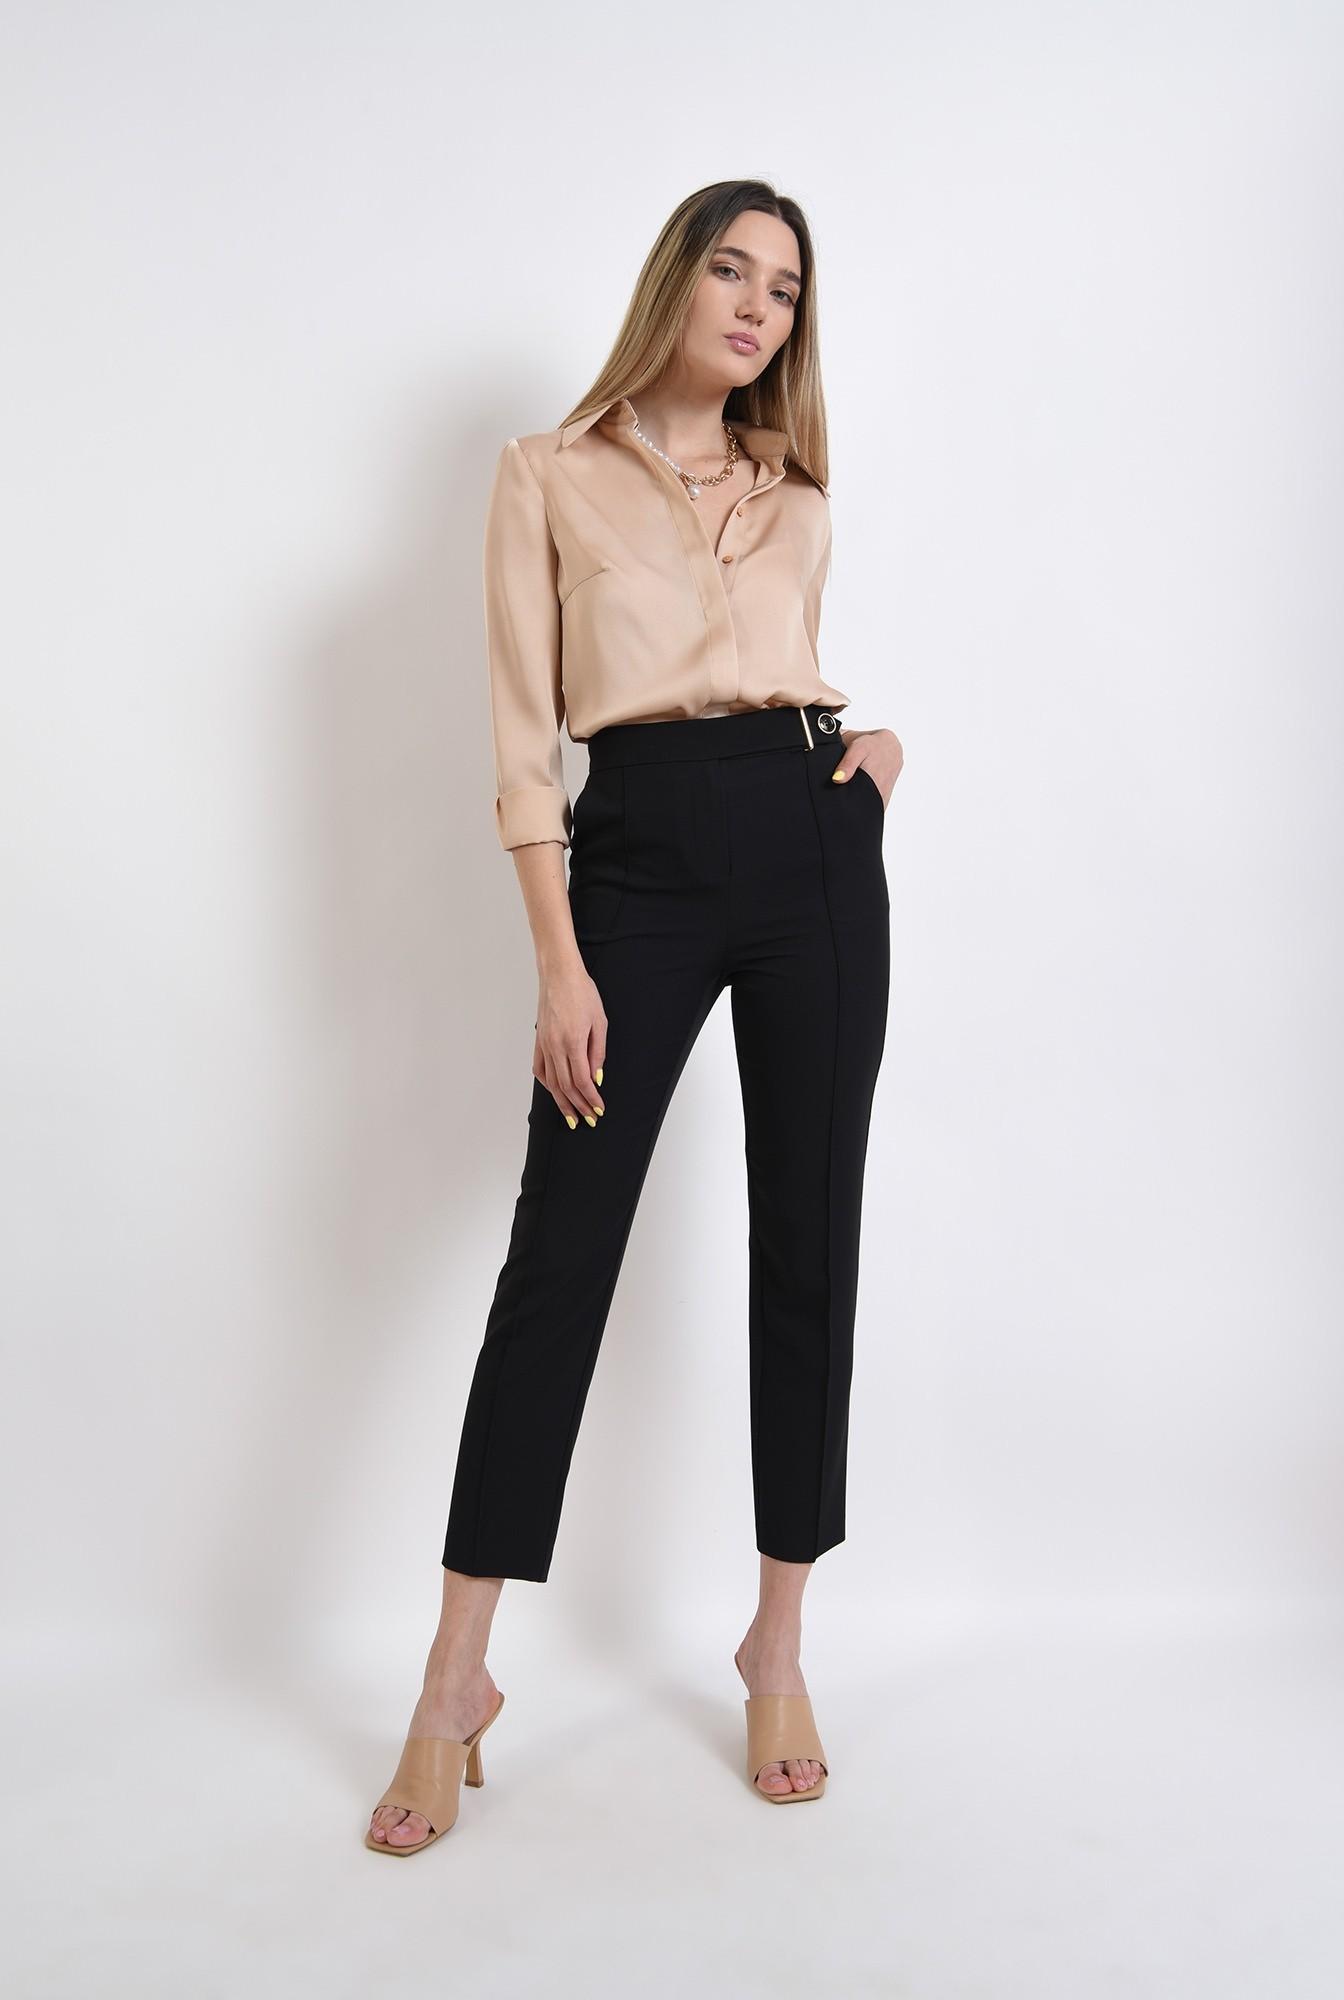 0 - pantaloni tigareta, negri, conici, cu buzunare